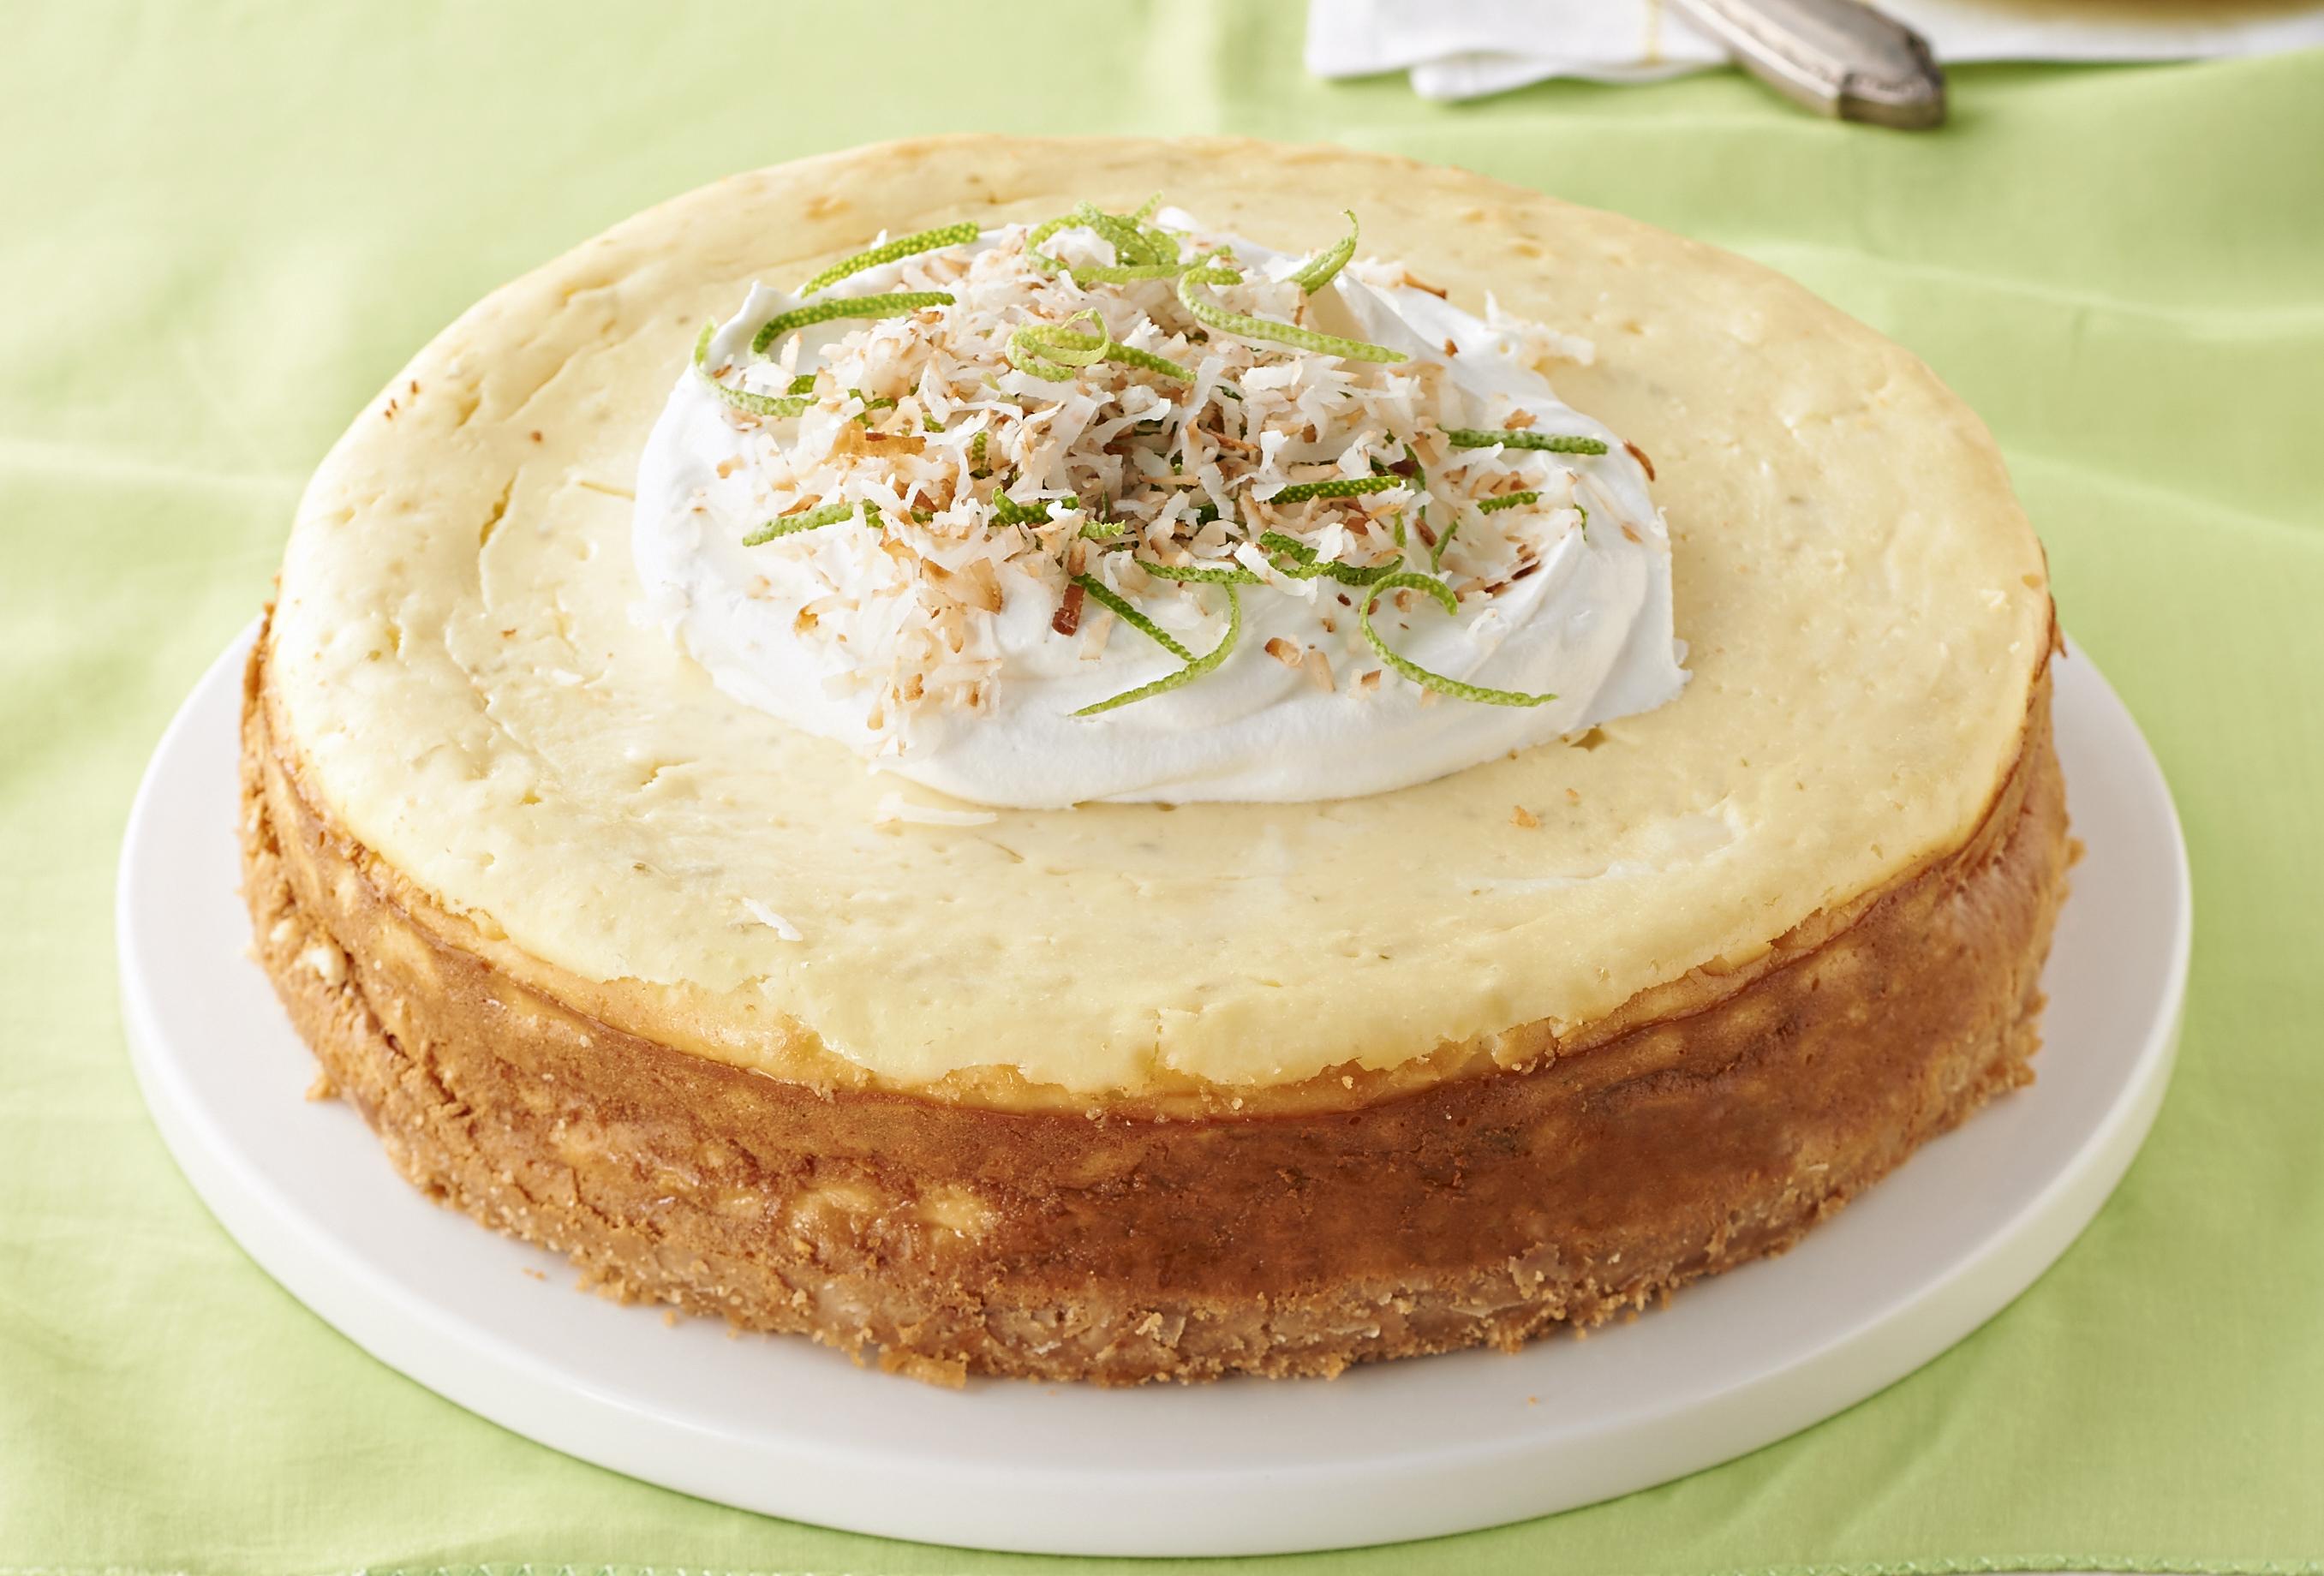 Cheesecake caribeño con coco y limón Image 1